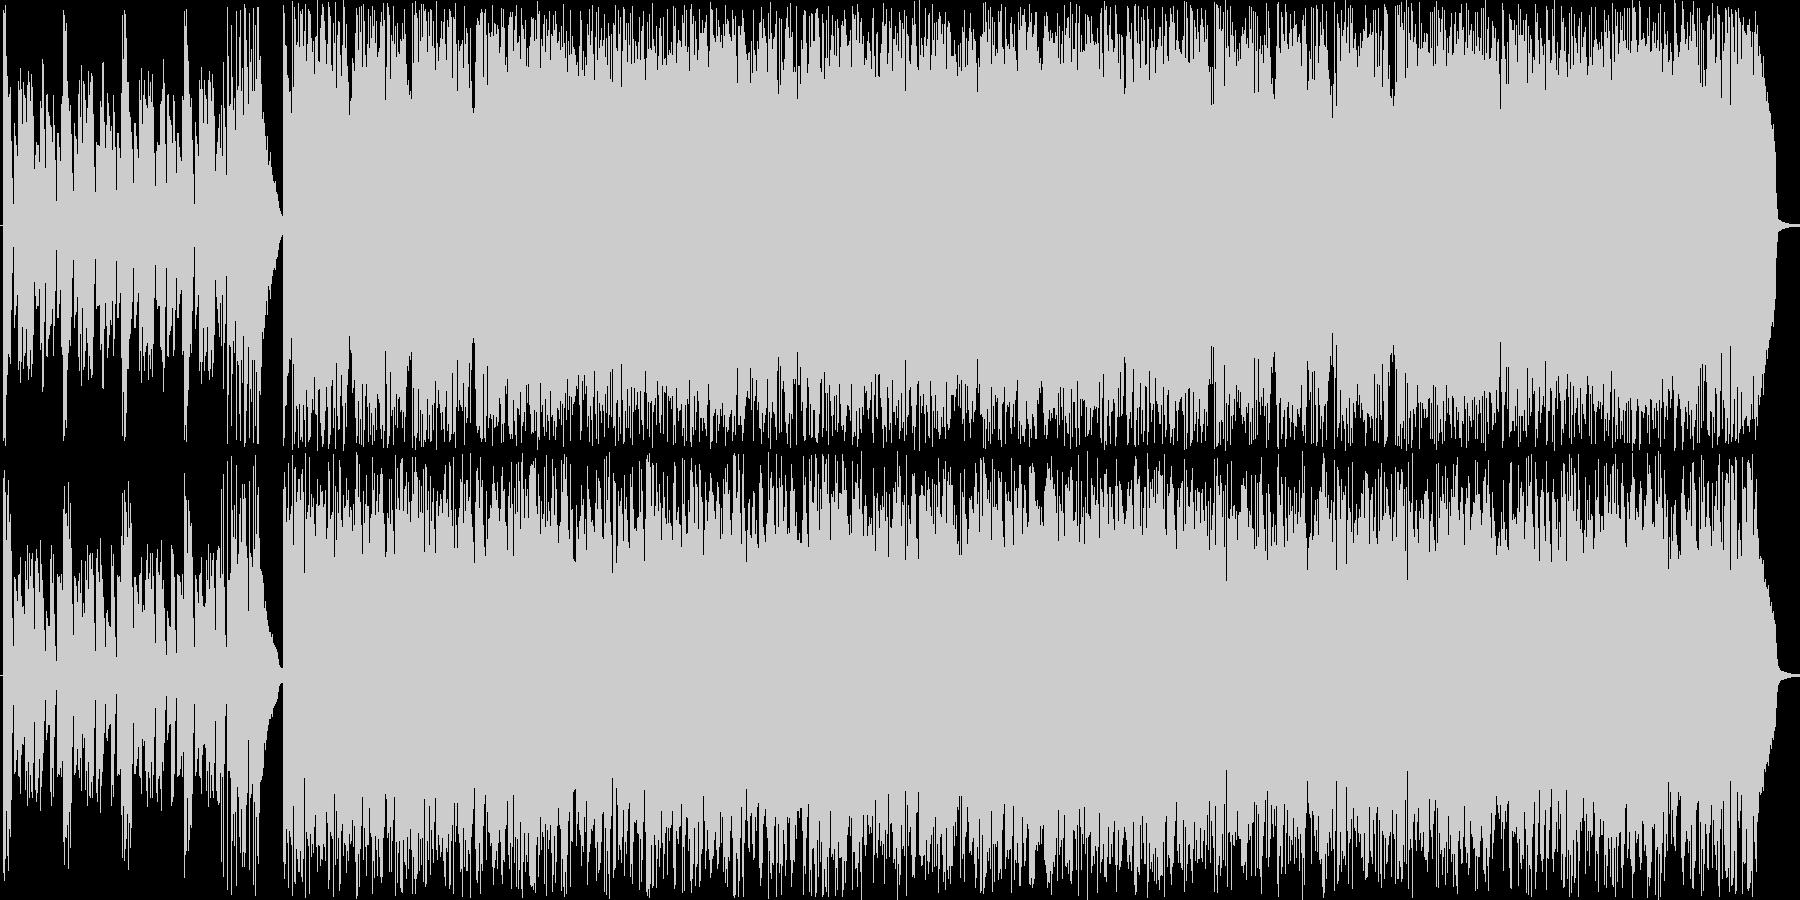 やりたい放題のプログレッシブジャズの未再生の波形